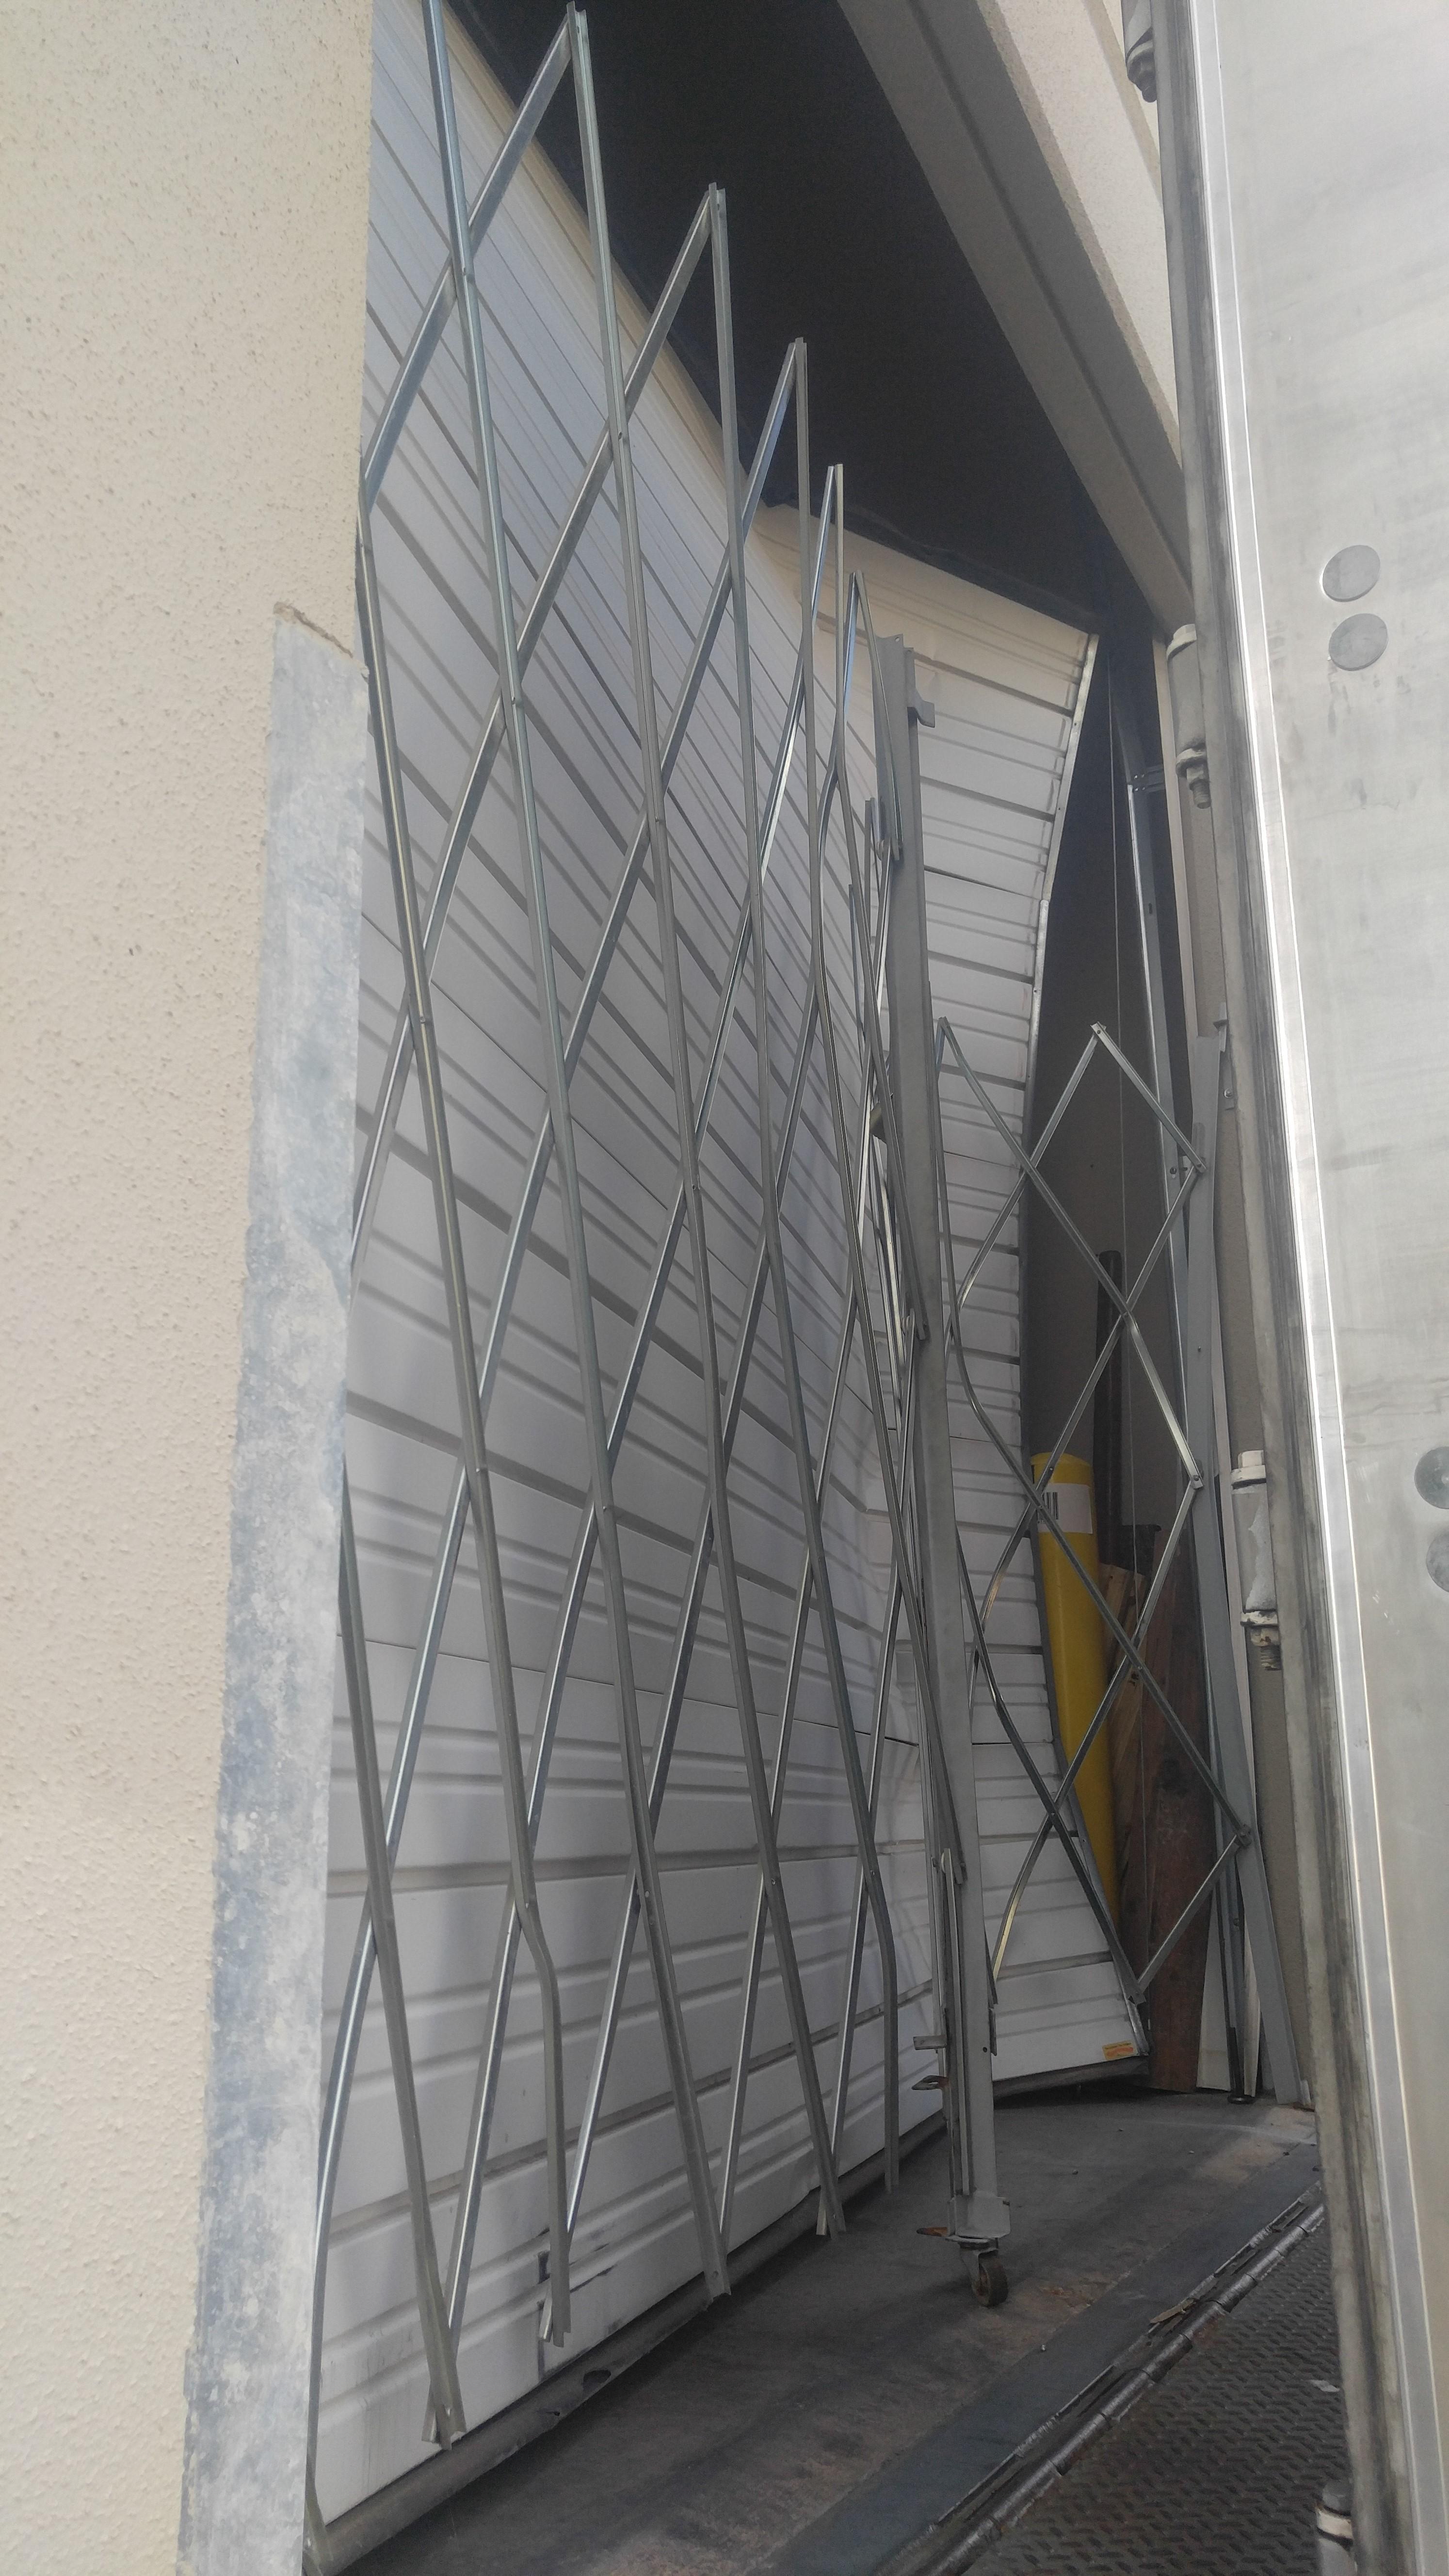 repair door fix captivating springs broken anadolukardiyolderg remote replacement garage opener graceful